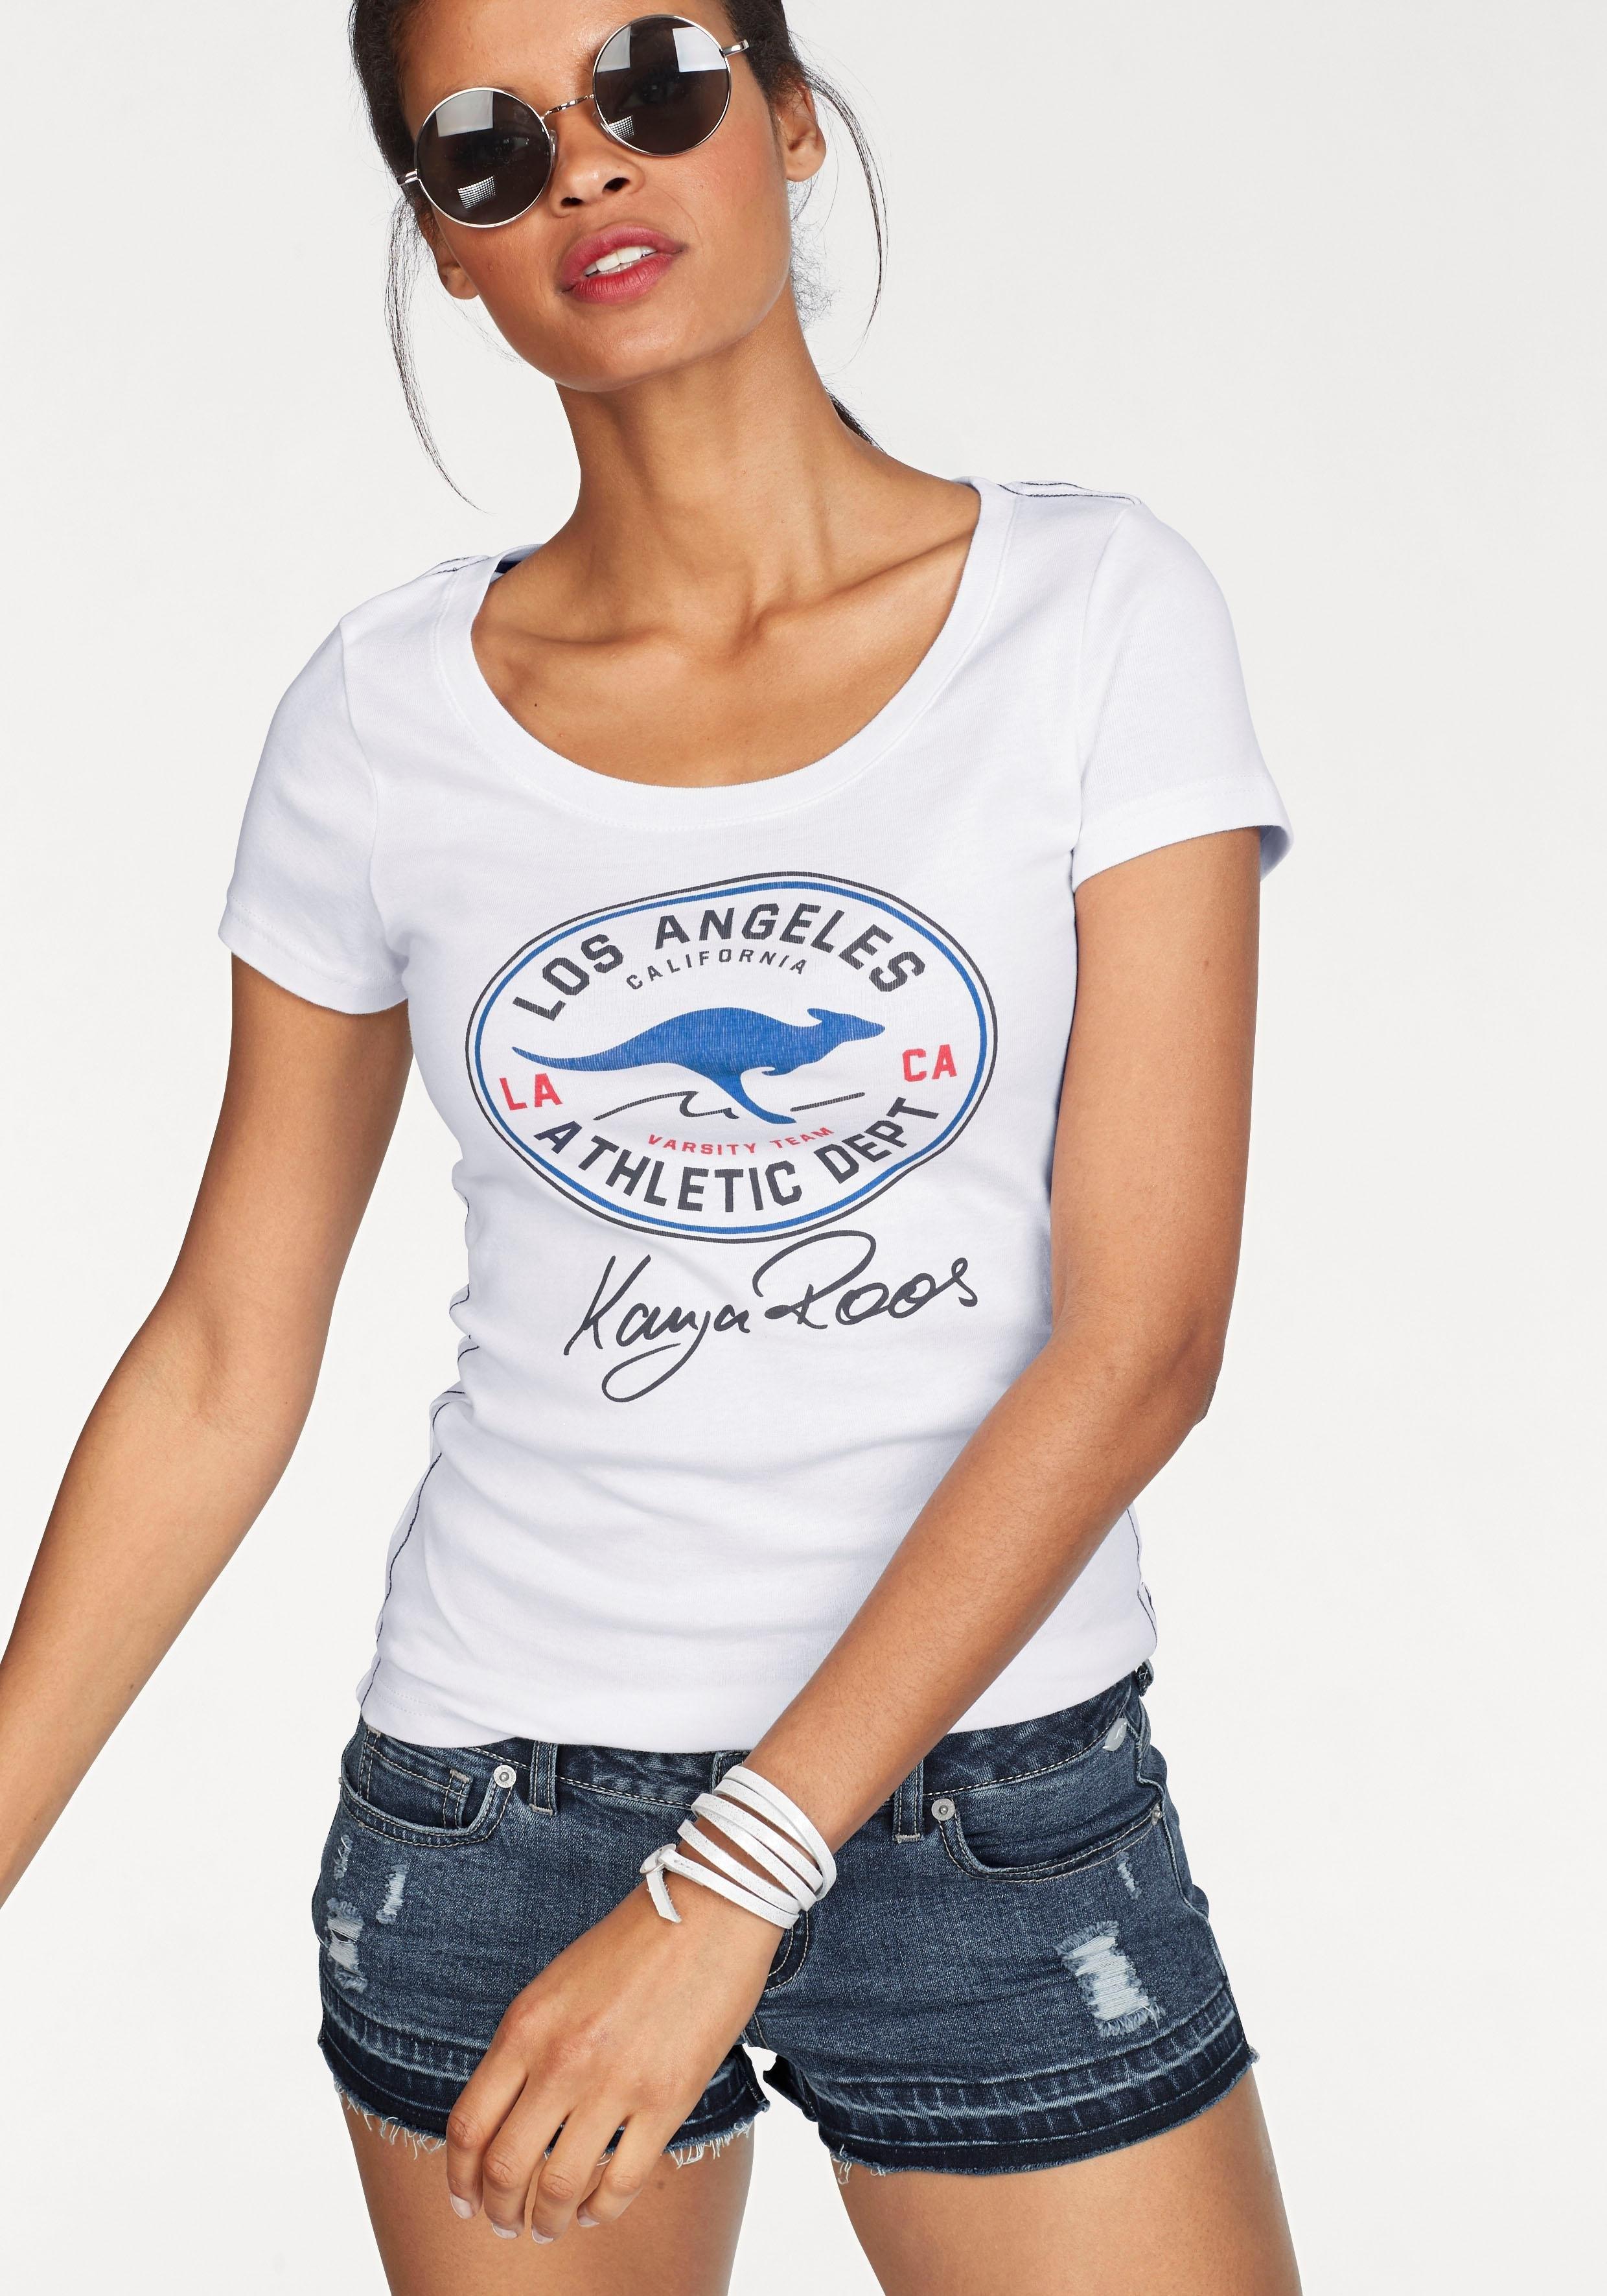 KangaROOS T-shirt bestellen: 30 dagen bedenktijd